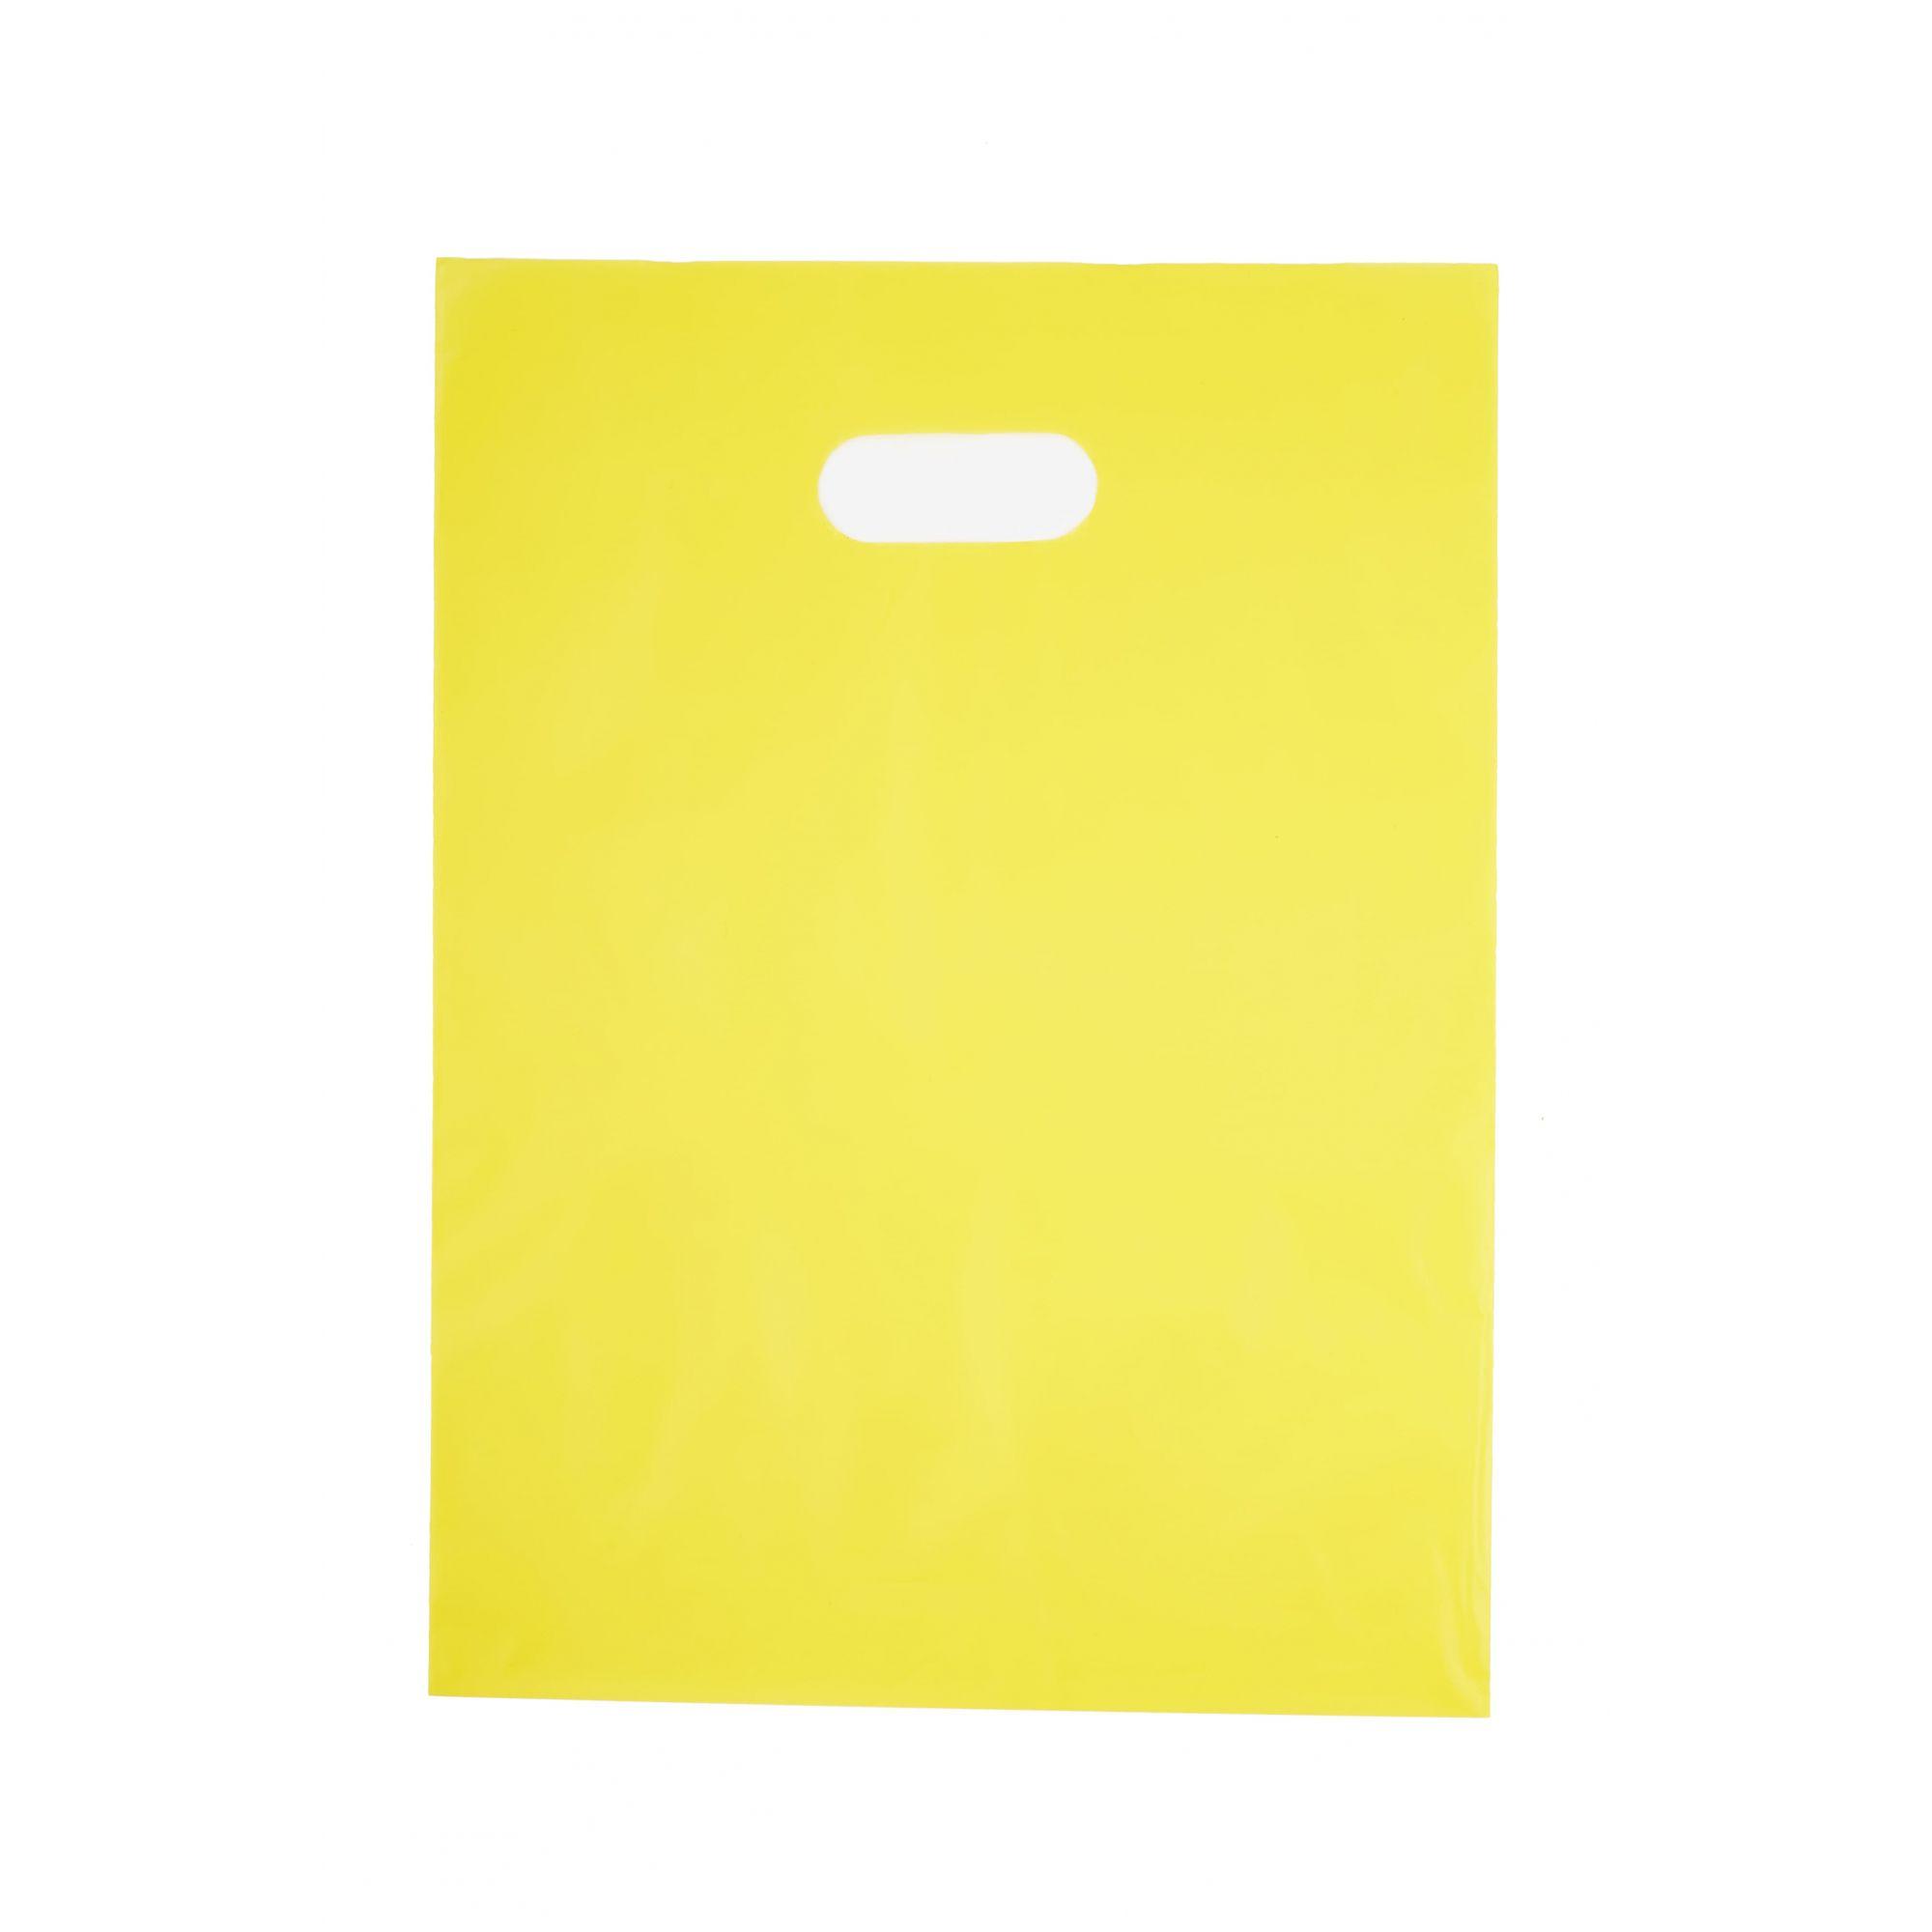 Sacola Plástica 30x40 Amarela - Alça Boca de Palhaço